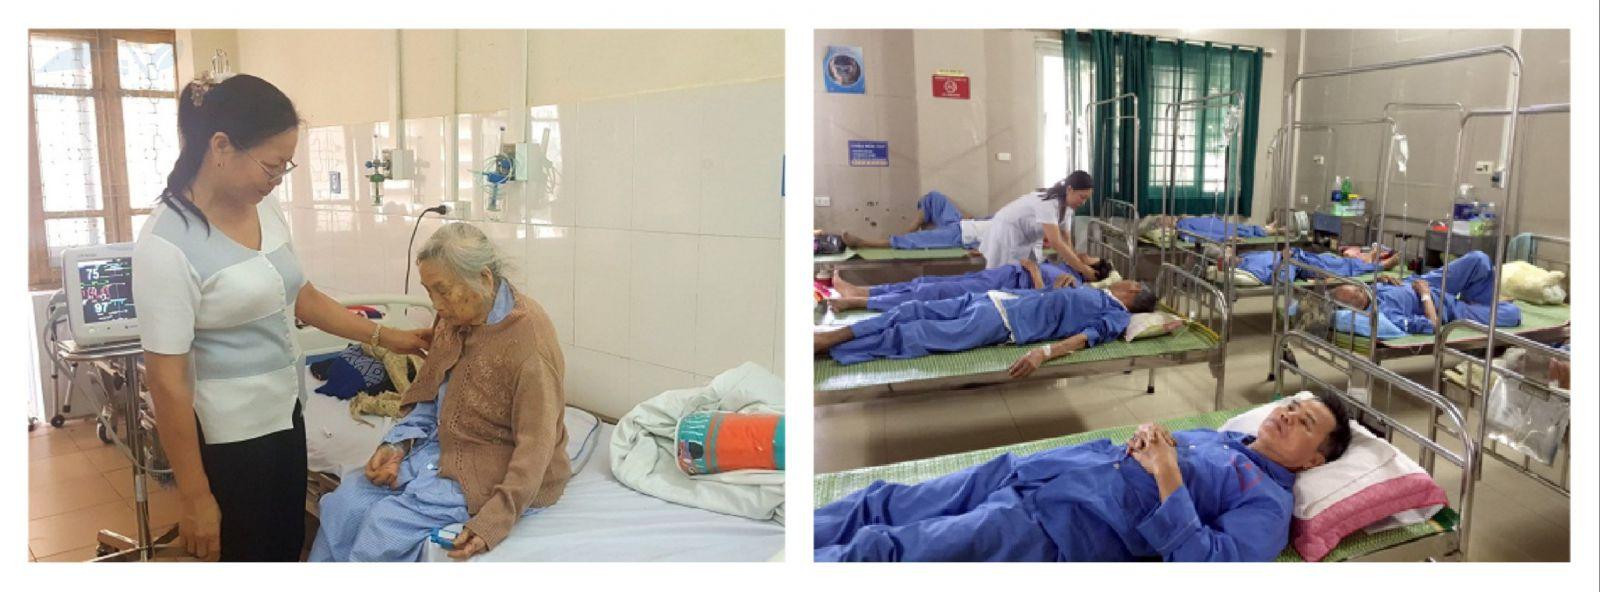 Giúp việc nhà chăm sóc người già người bệnh tại quận bình tân